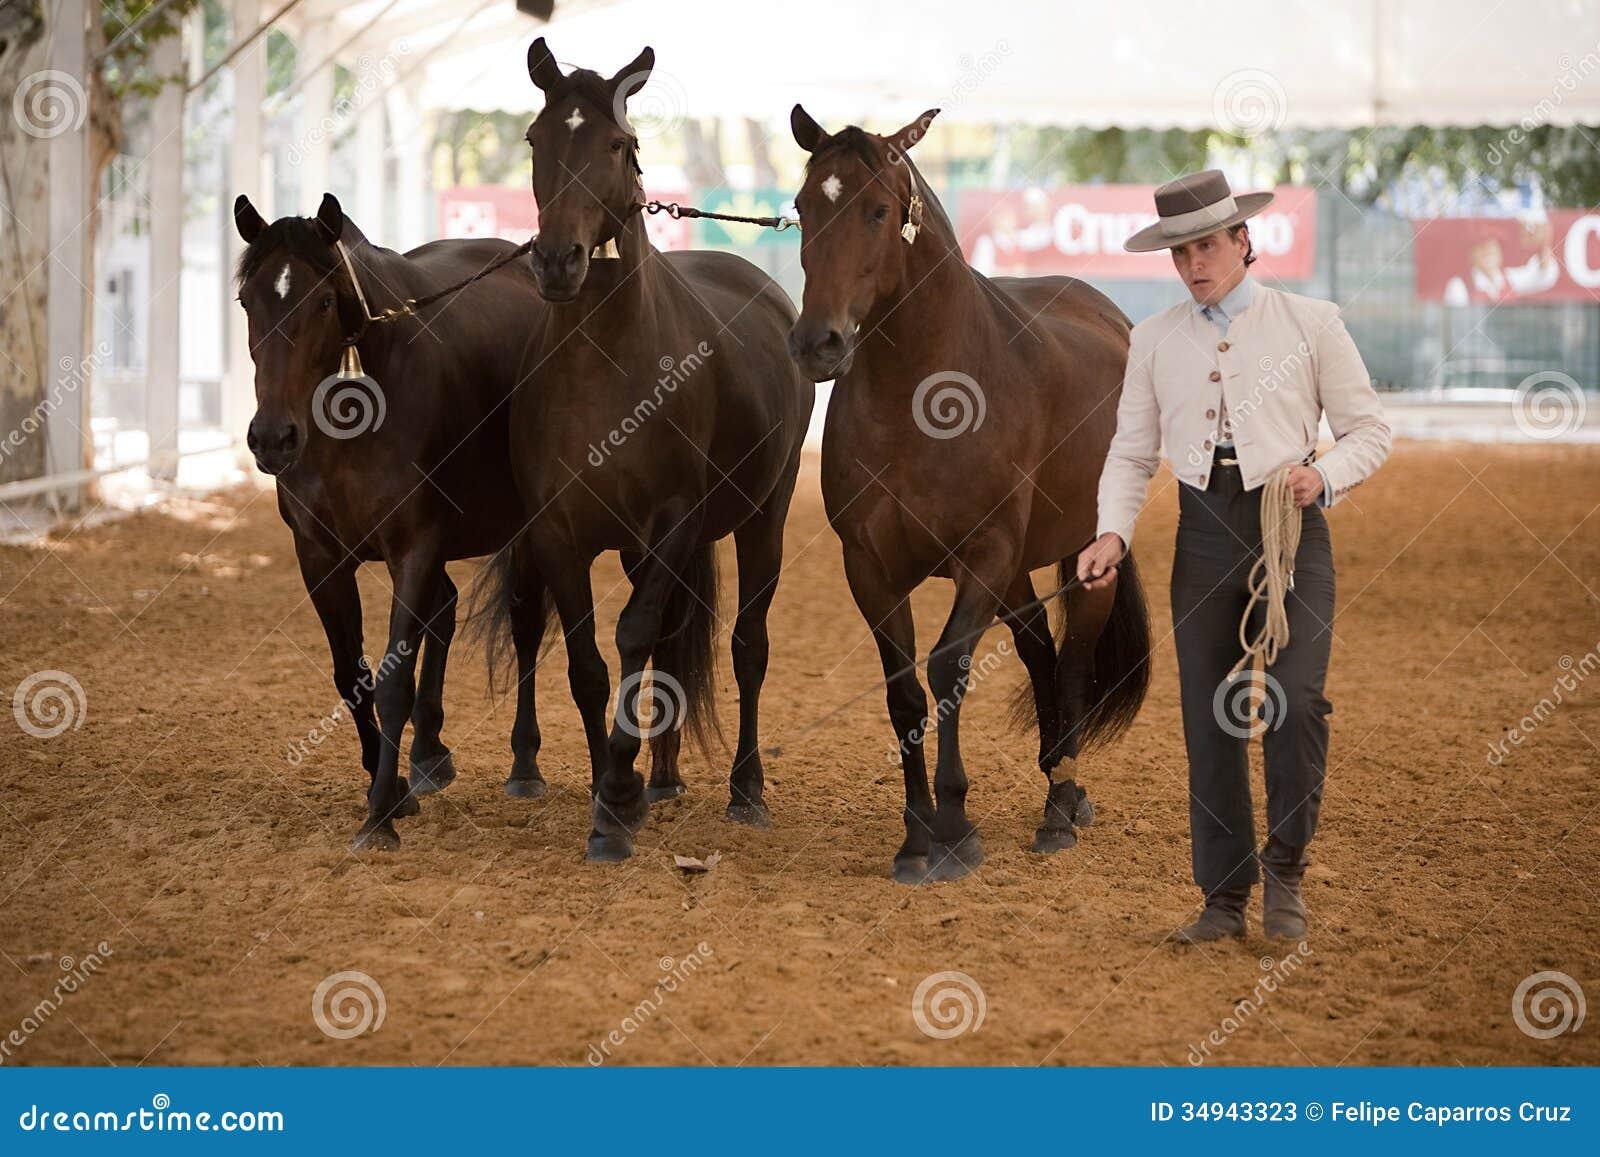 Η ιππική λειτουργία δοκιμής με 3 καθαρά ισπανικά άλογα, κάλεσε επίσης τα cobras 3 φοράδες